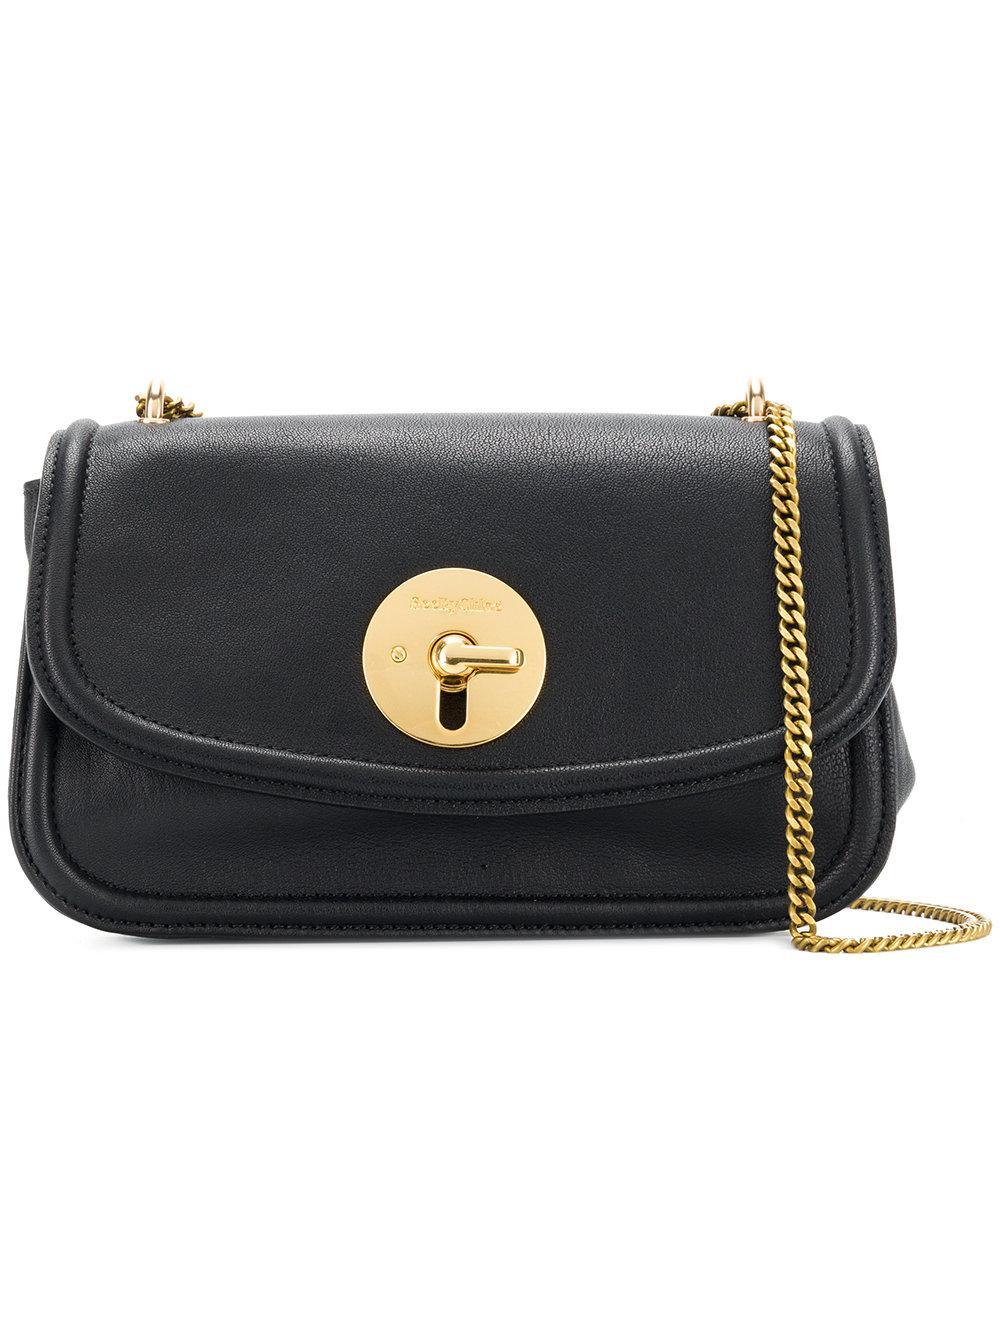 8c8d278eff See By ChloÉ Lois Shoulder Bag - Black